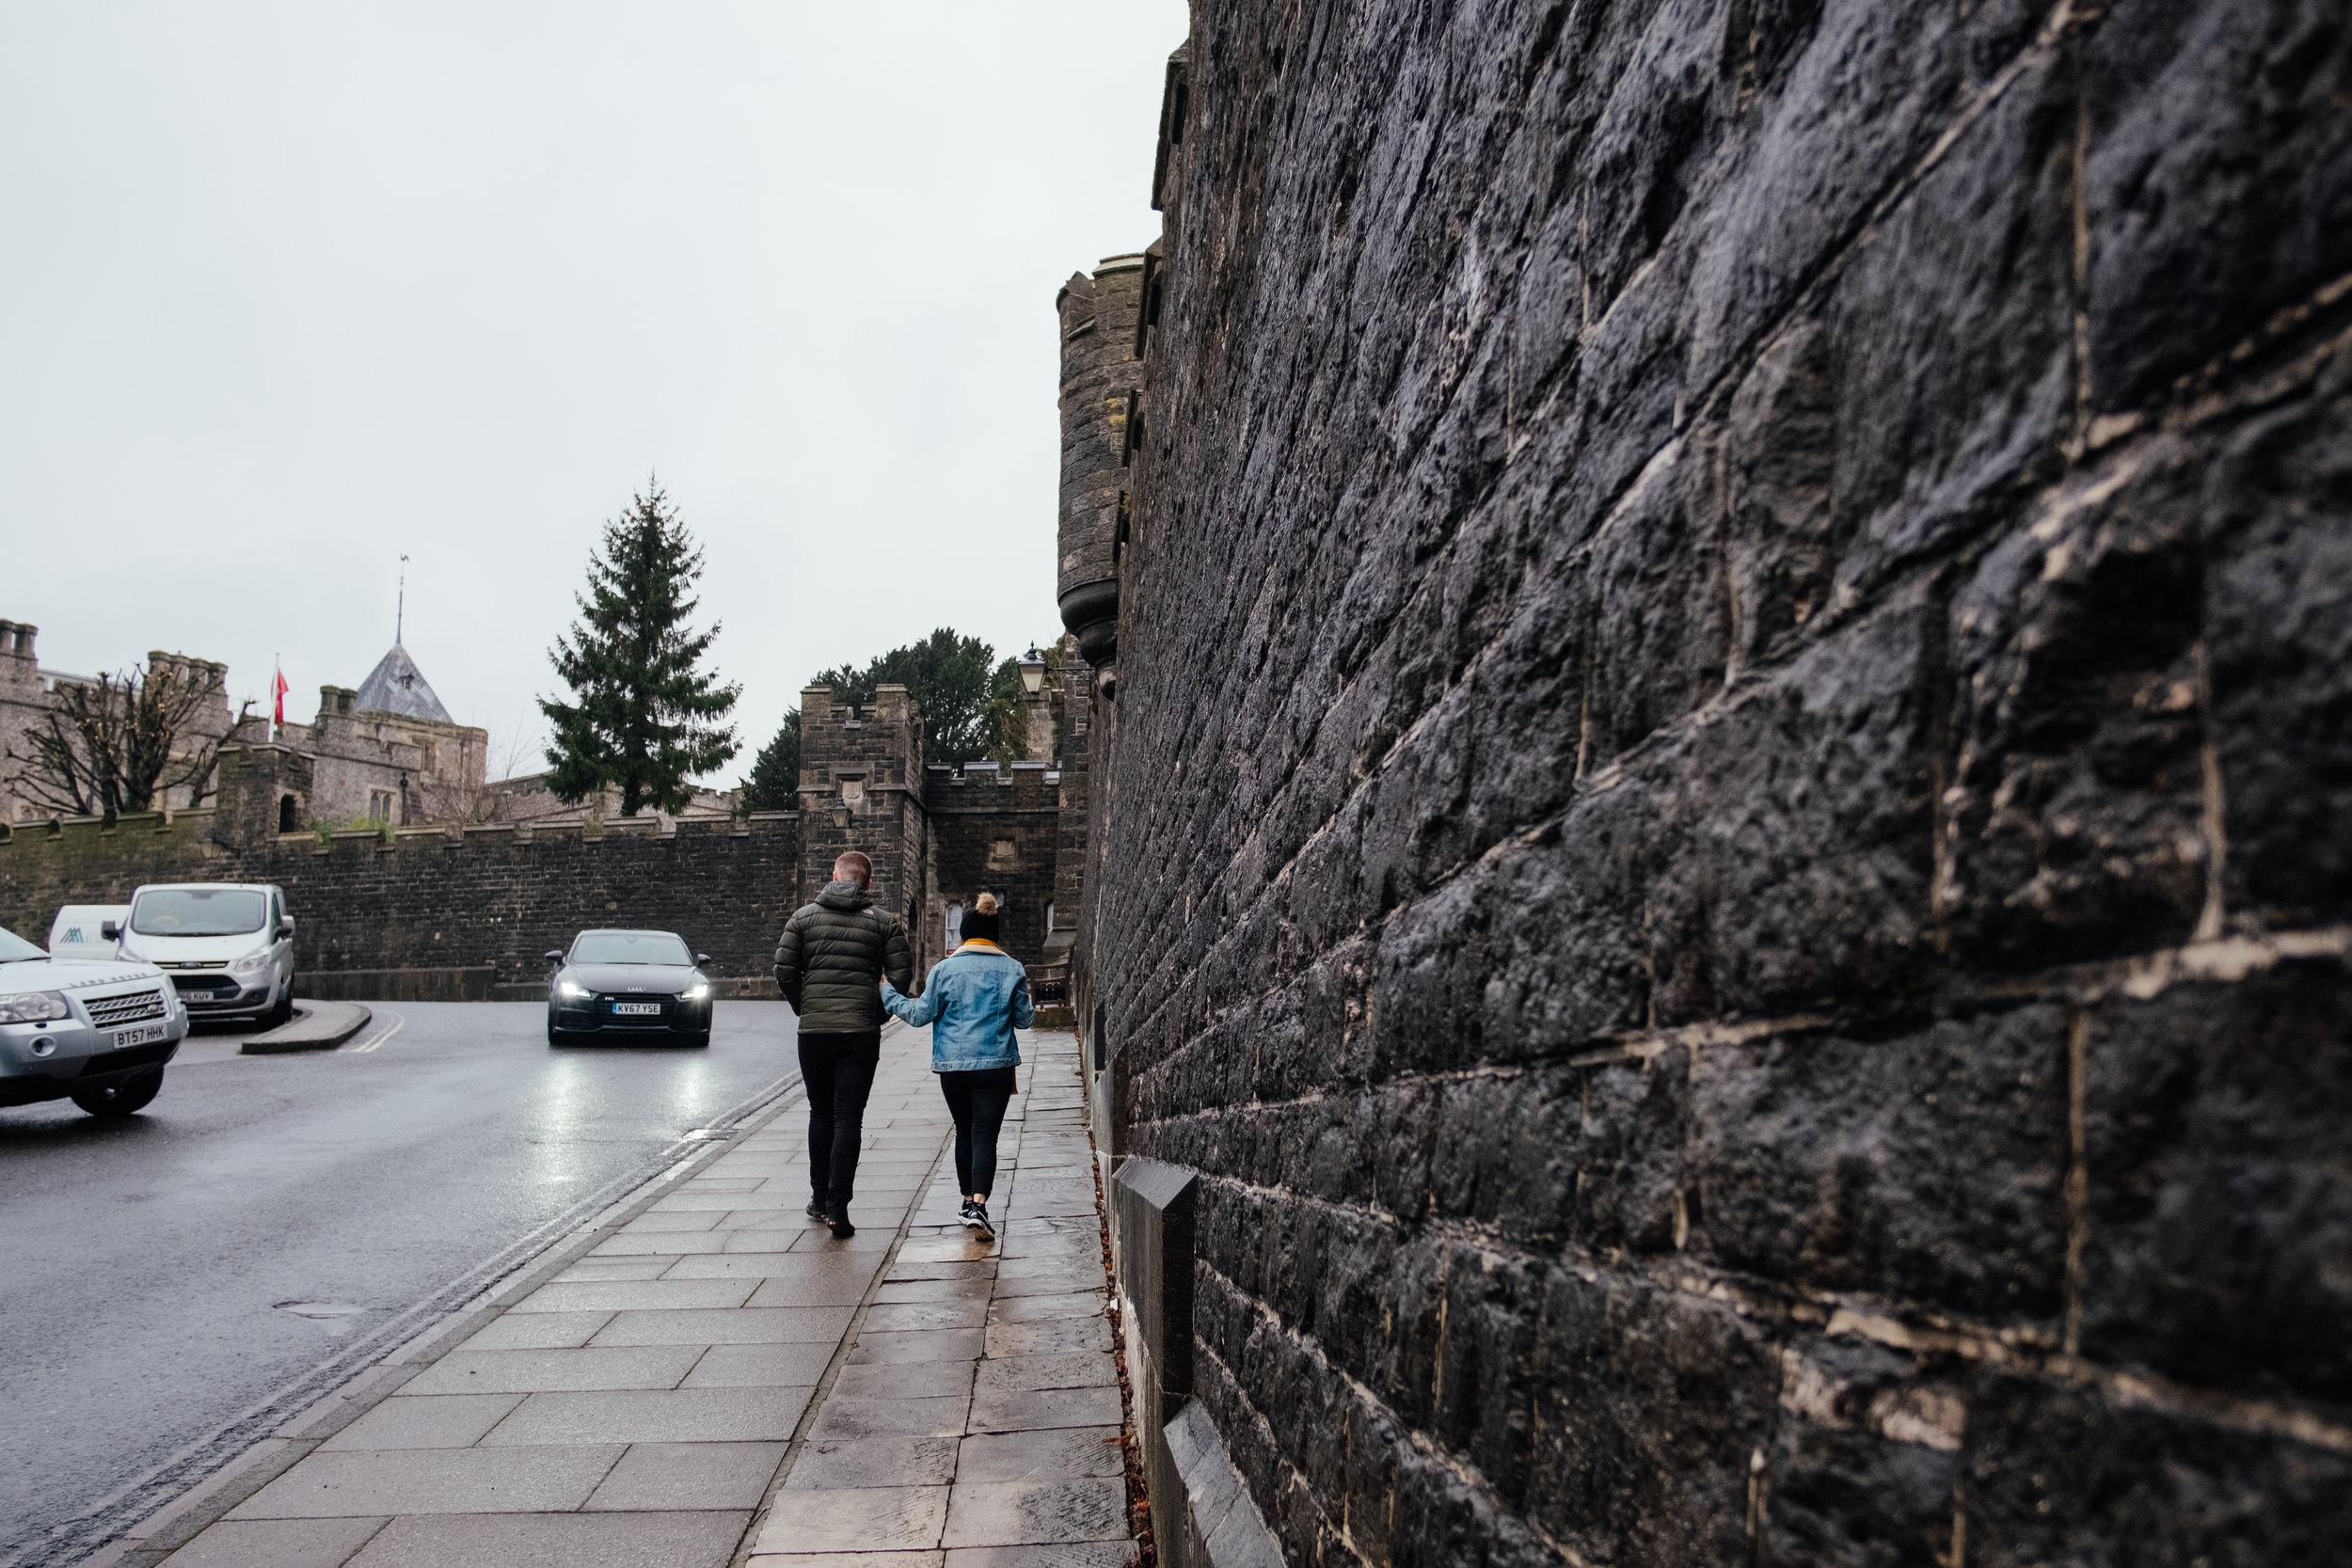 Couple walking alongside Arundel Castle